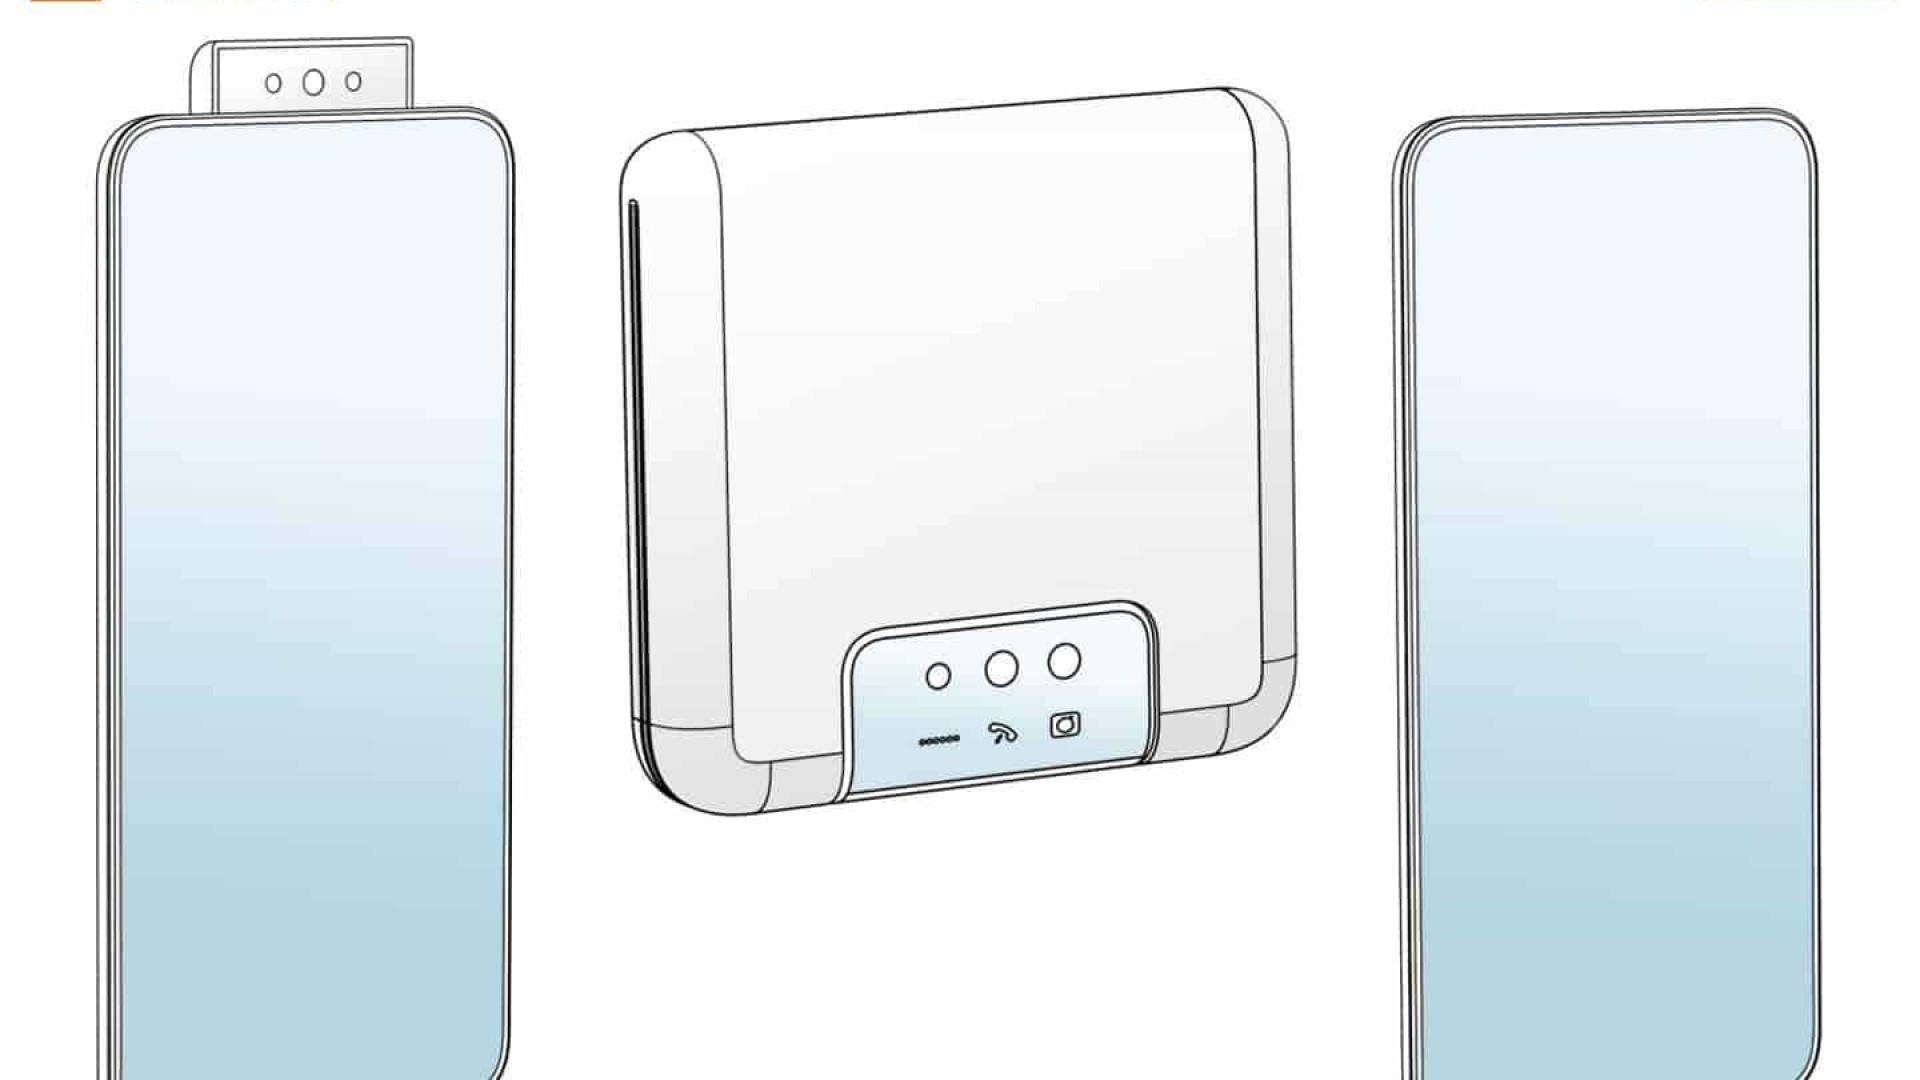 Nova patente da Xiaomi aponta para smartphone dobrável